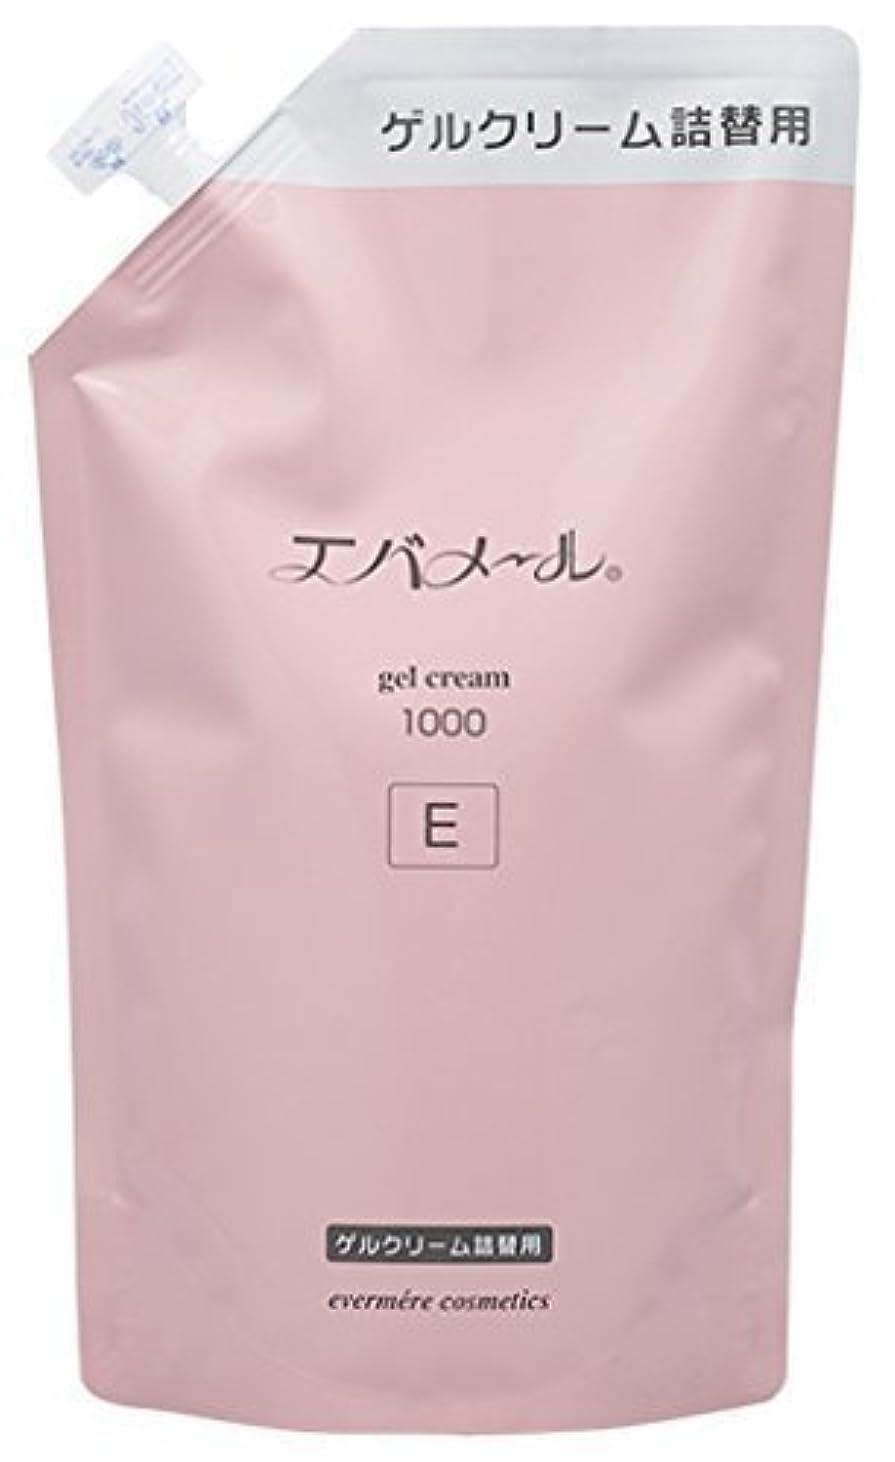 ひらめきパステル方程式エバメール ゲルクリーム E 1000g[並行輸入品]